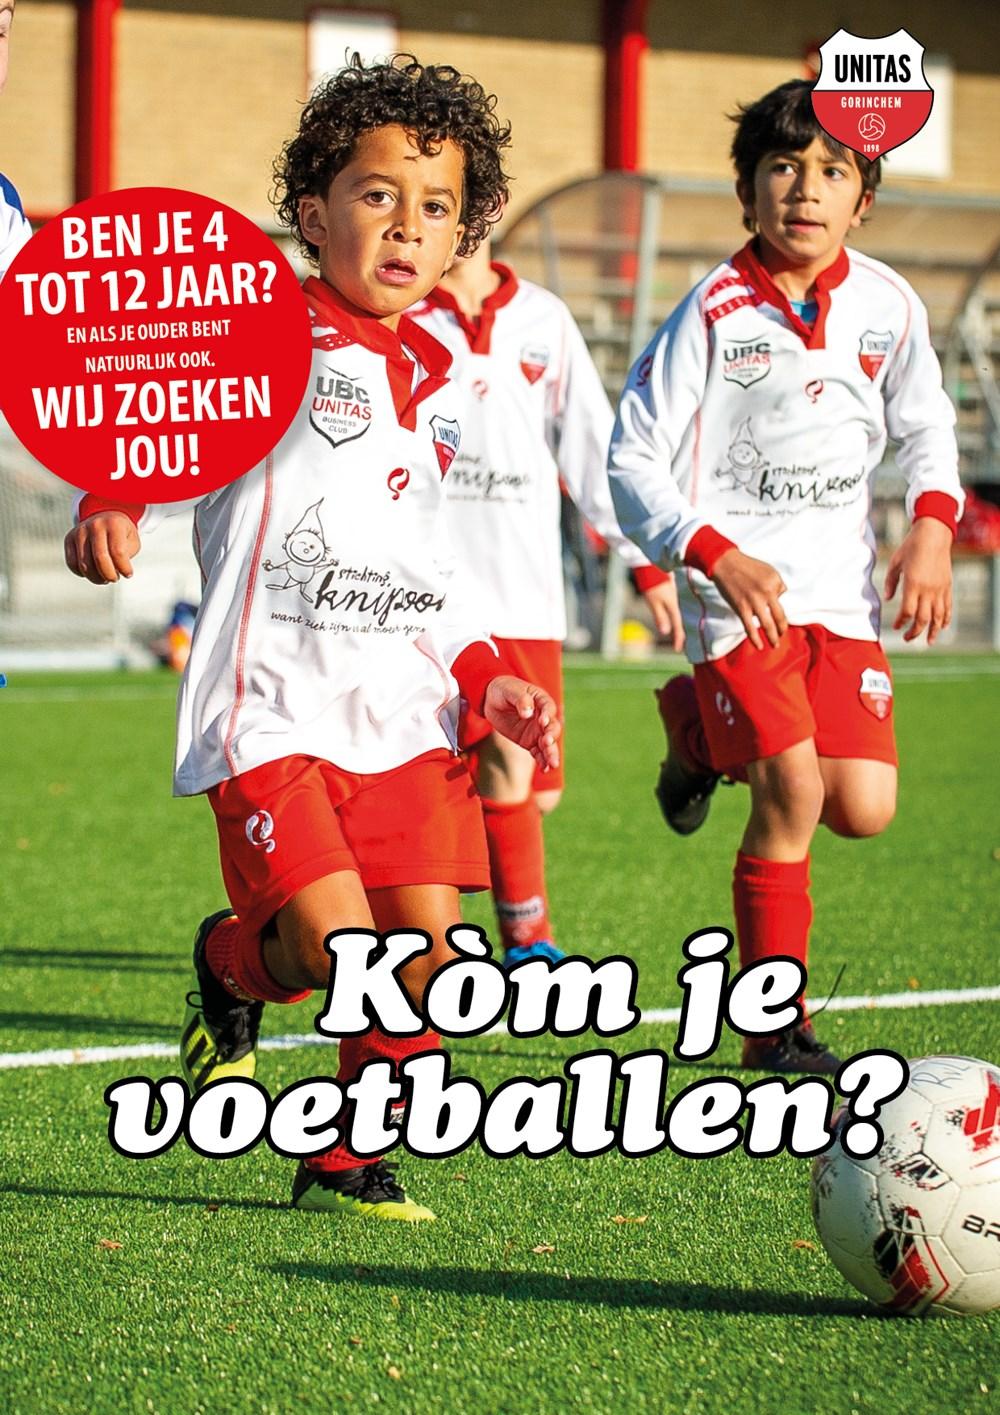 Poster_22Zin_om_te_voetballen.jpg